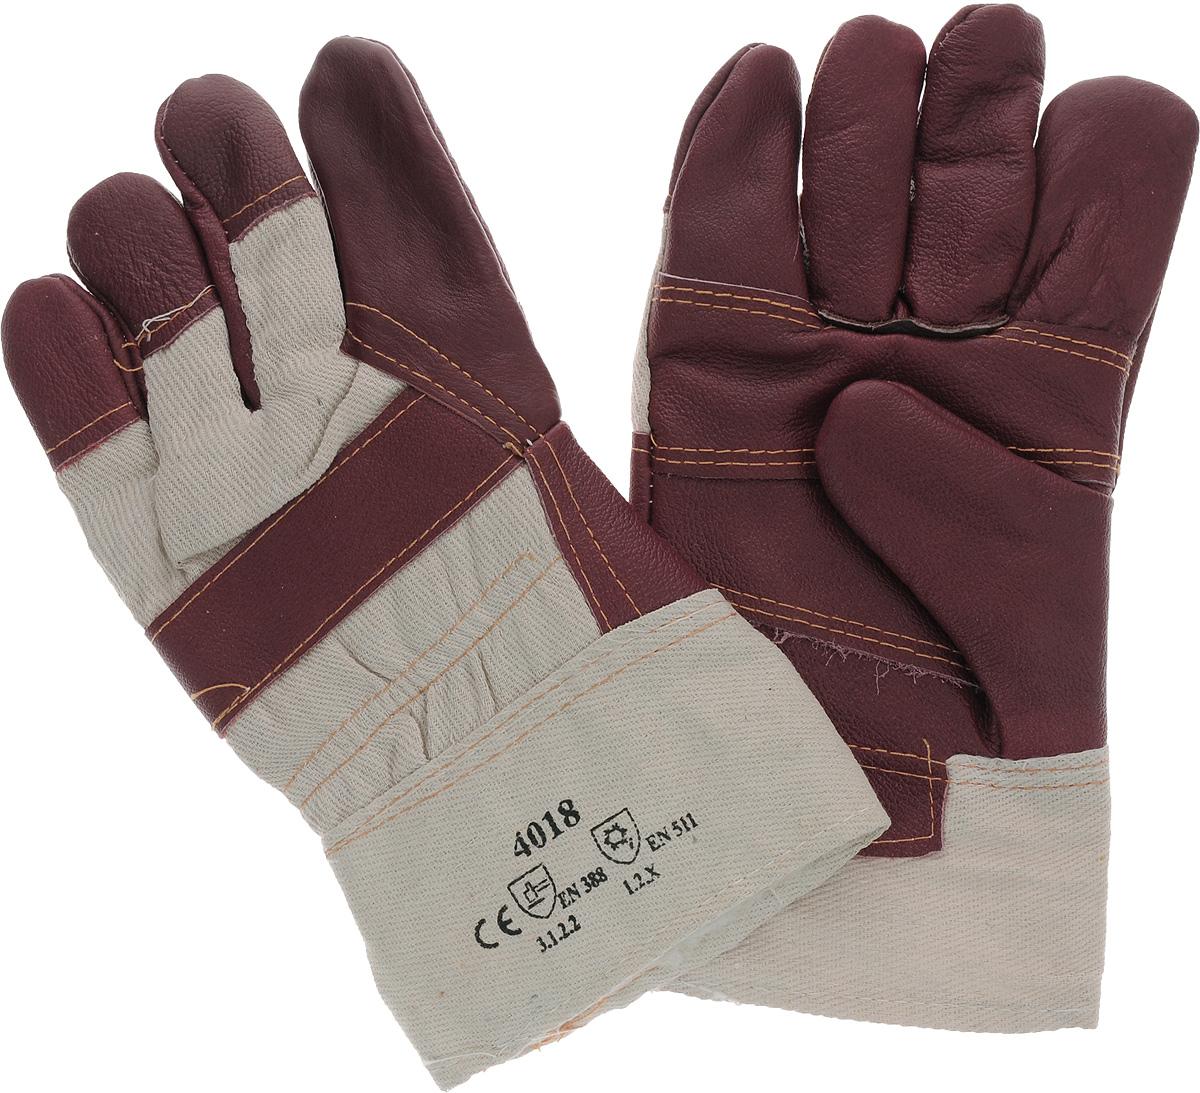 Перчатки защитные Рос, кожаные, цвет: темно-красный12445_темно-красный